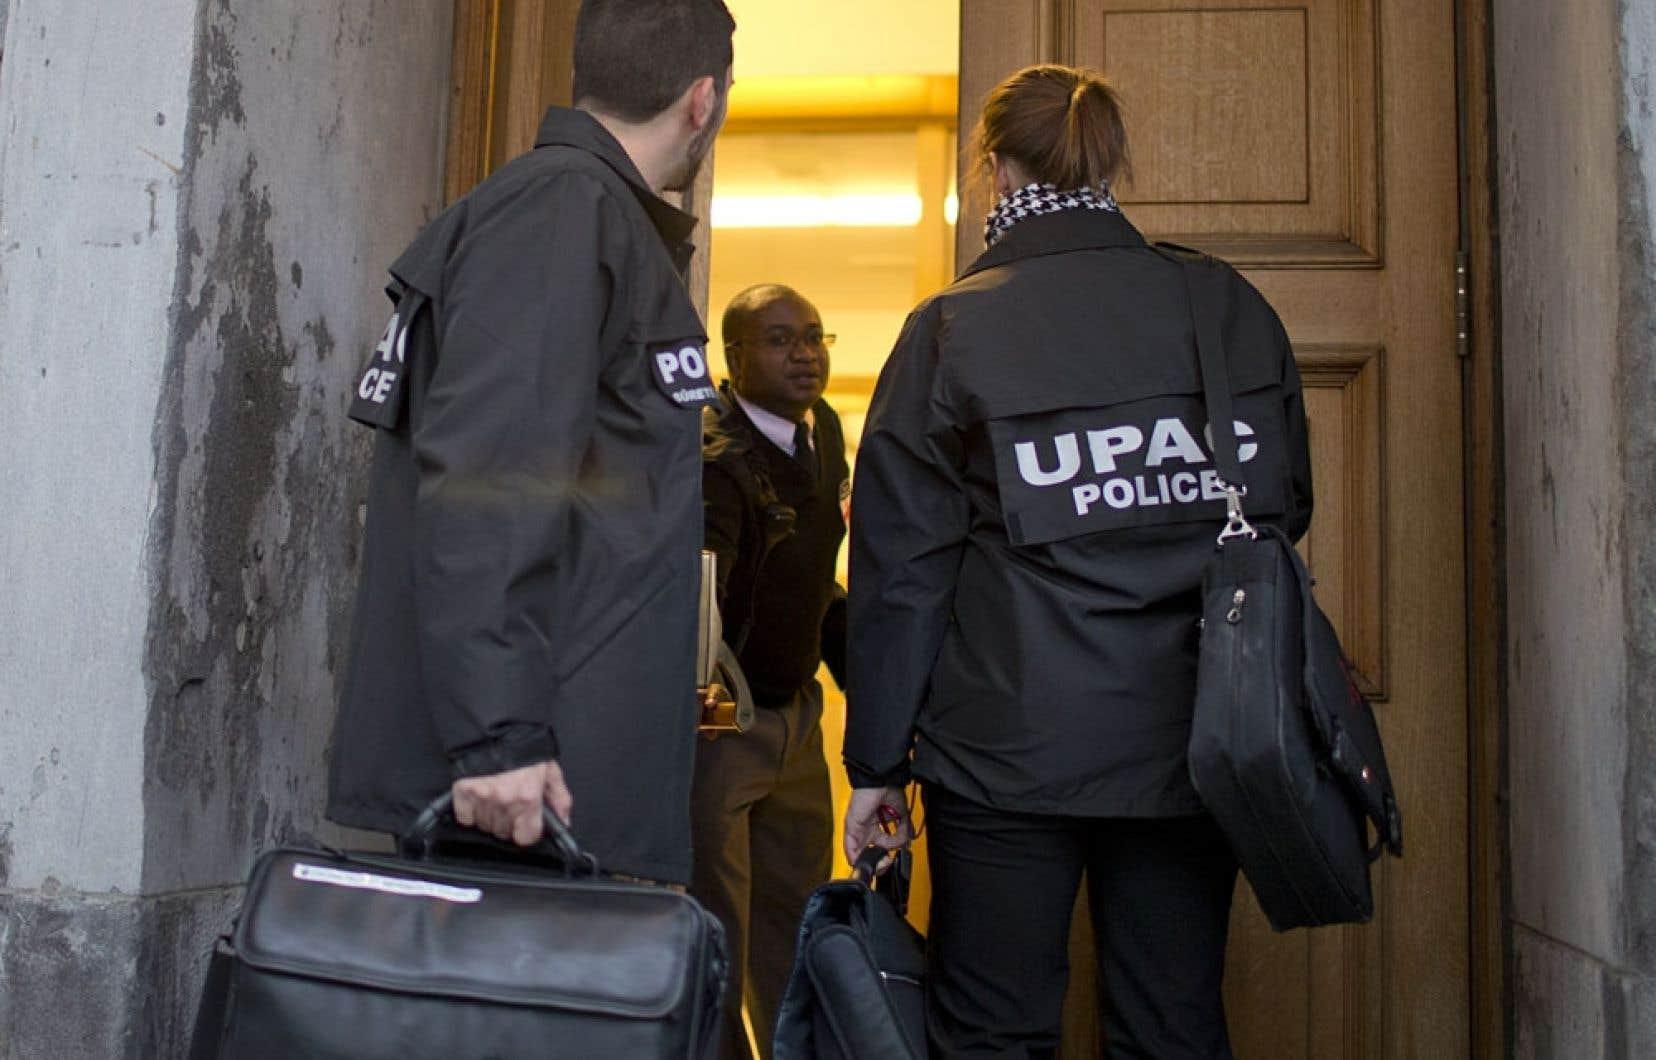 L'UPAC cherchait à faire la lumière sur le voyage en France effectué en 2009 par le maire Roussy, tous frais payés par la firme Roche.